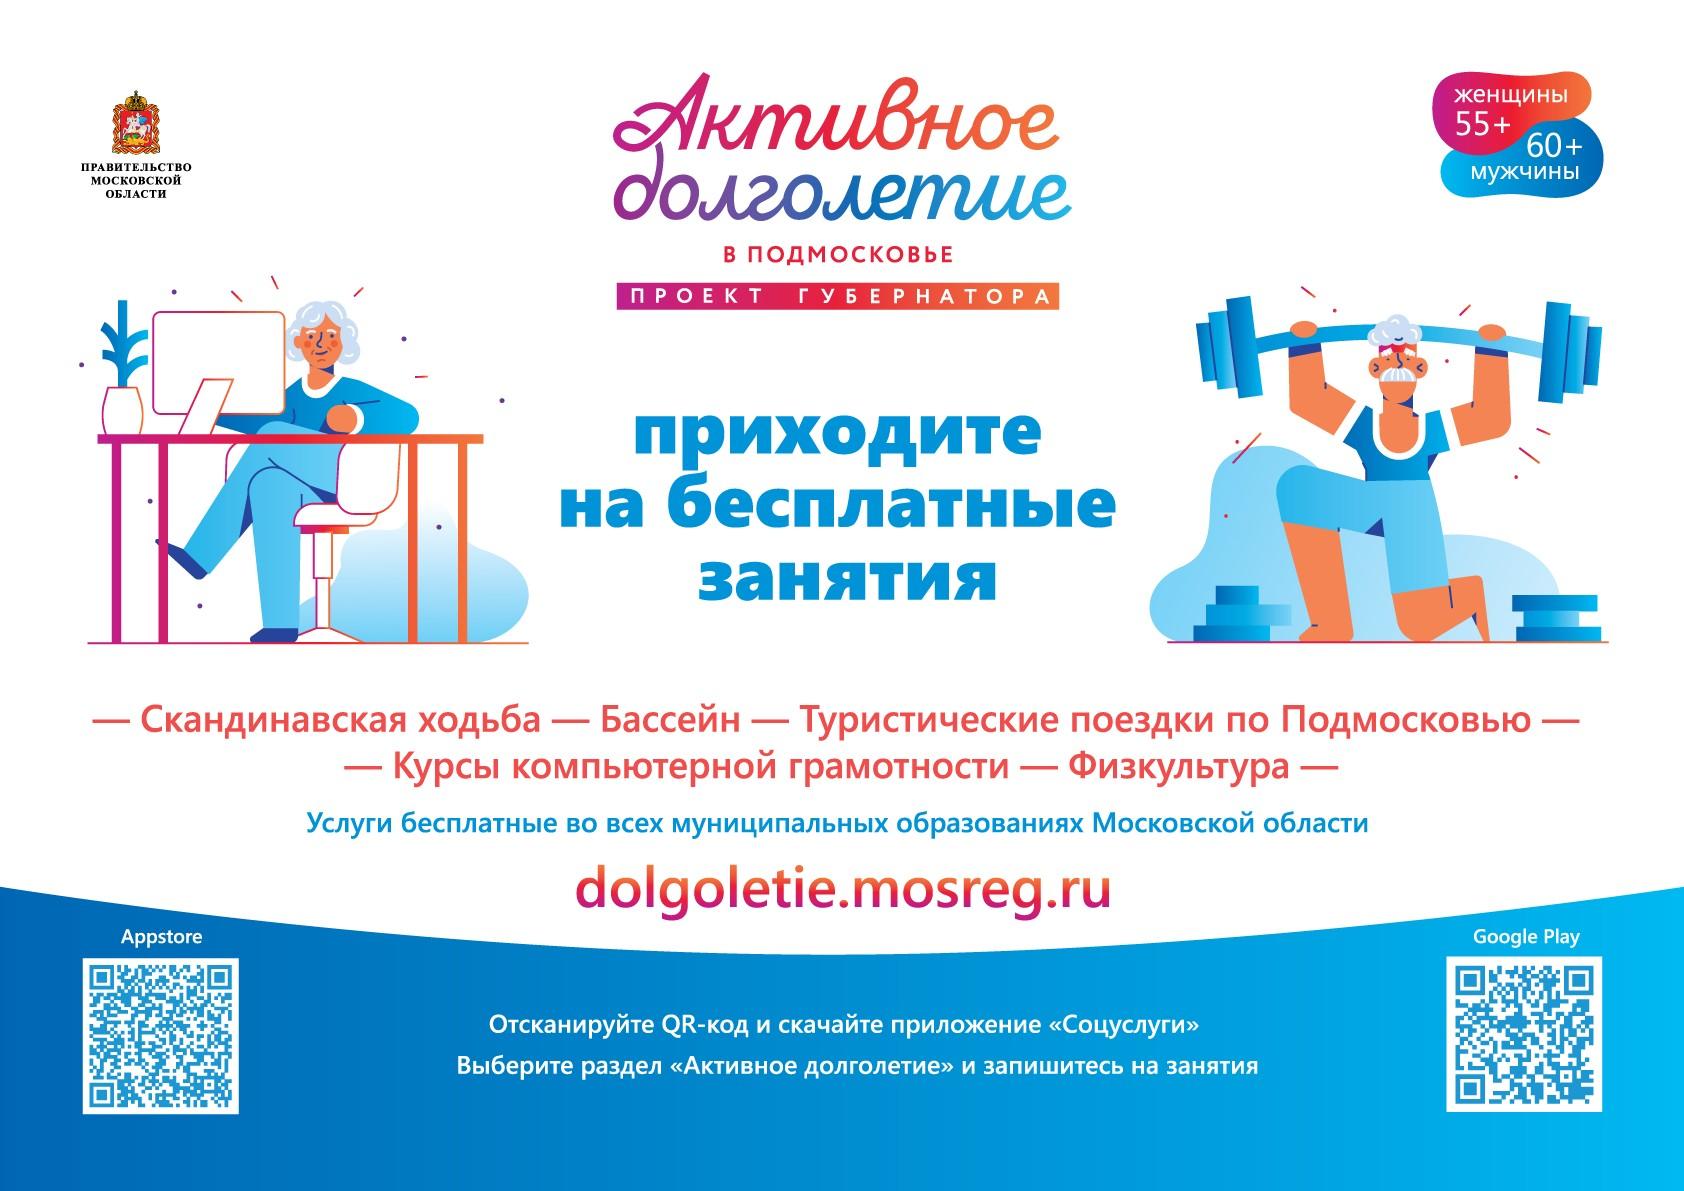 «На портал проекта «Активное долголетие» (https://dolgoletie.mosreg.ru) поступило